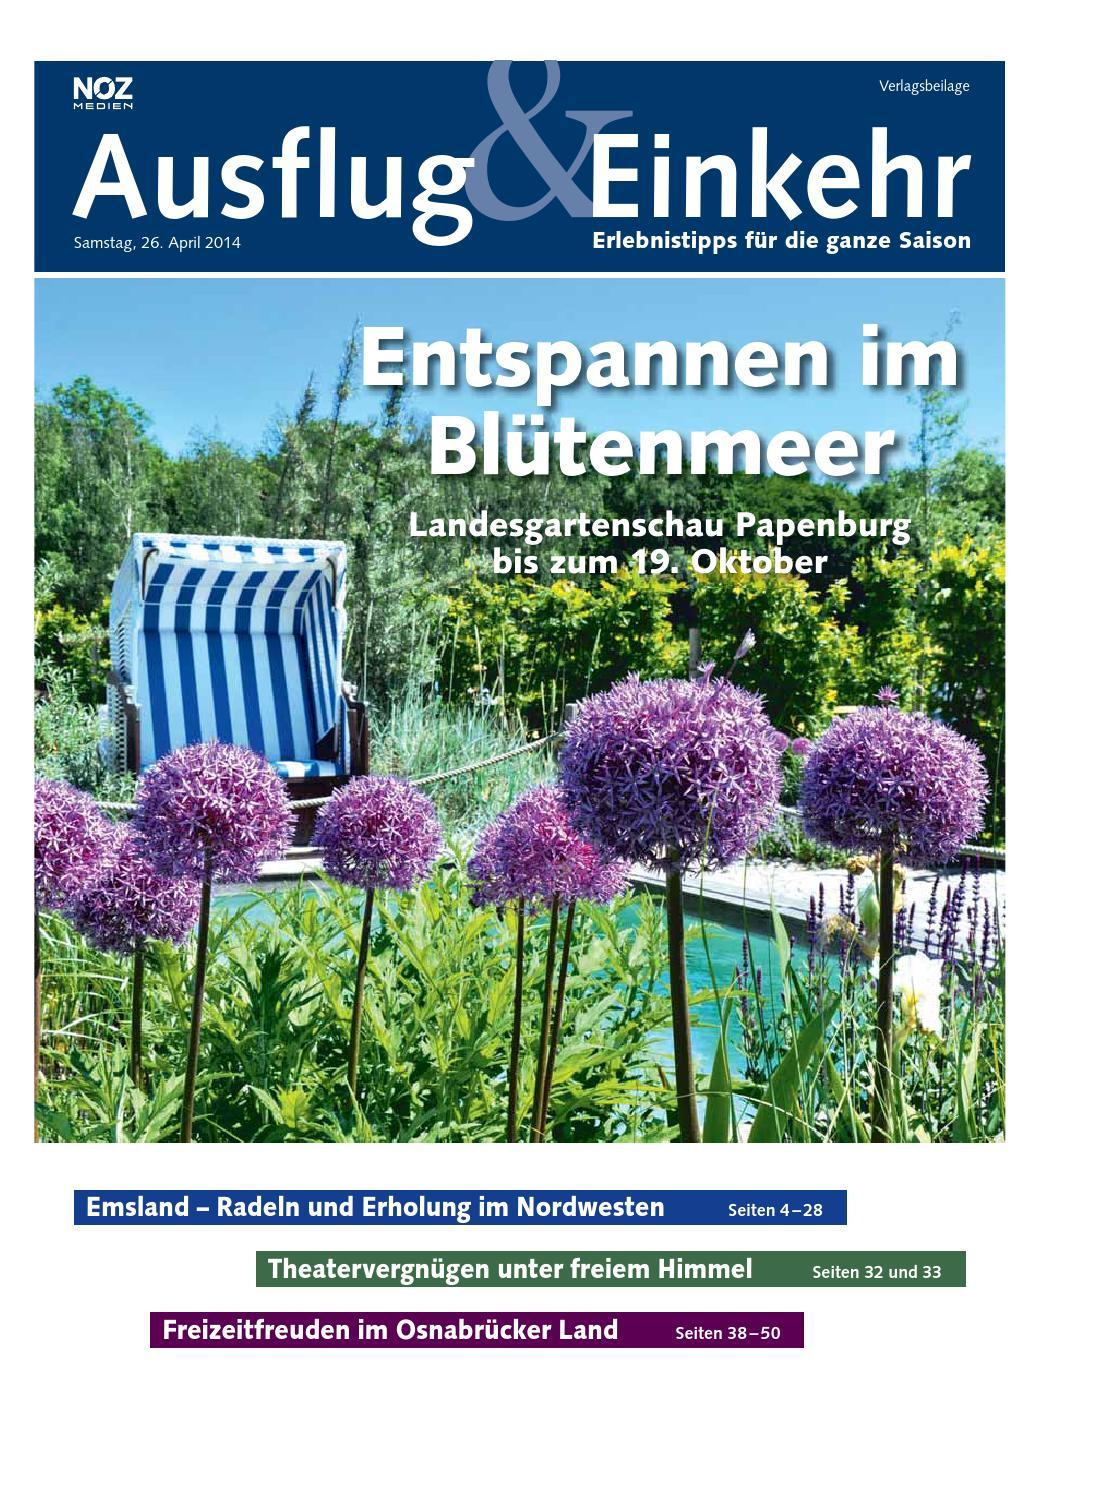 Ausflug & Einkehr by Neue Osnabruecker Zeitung - issuu